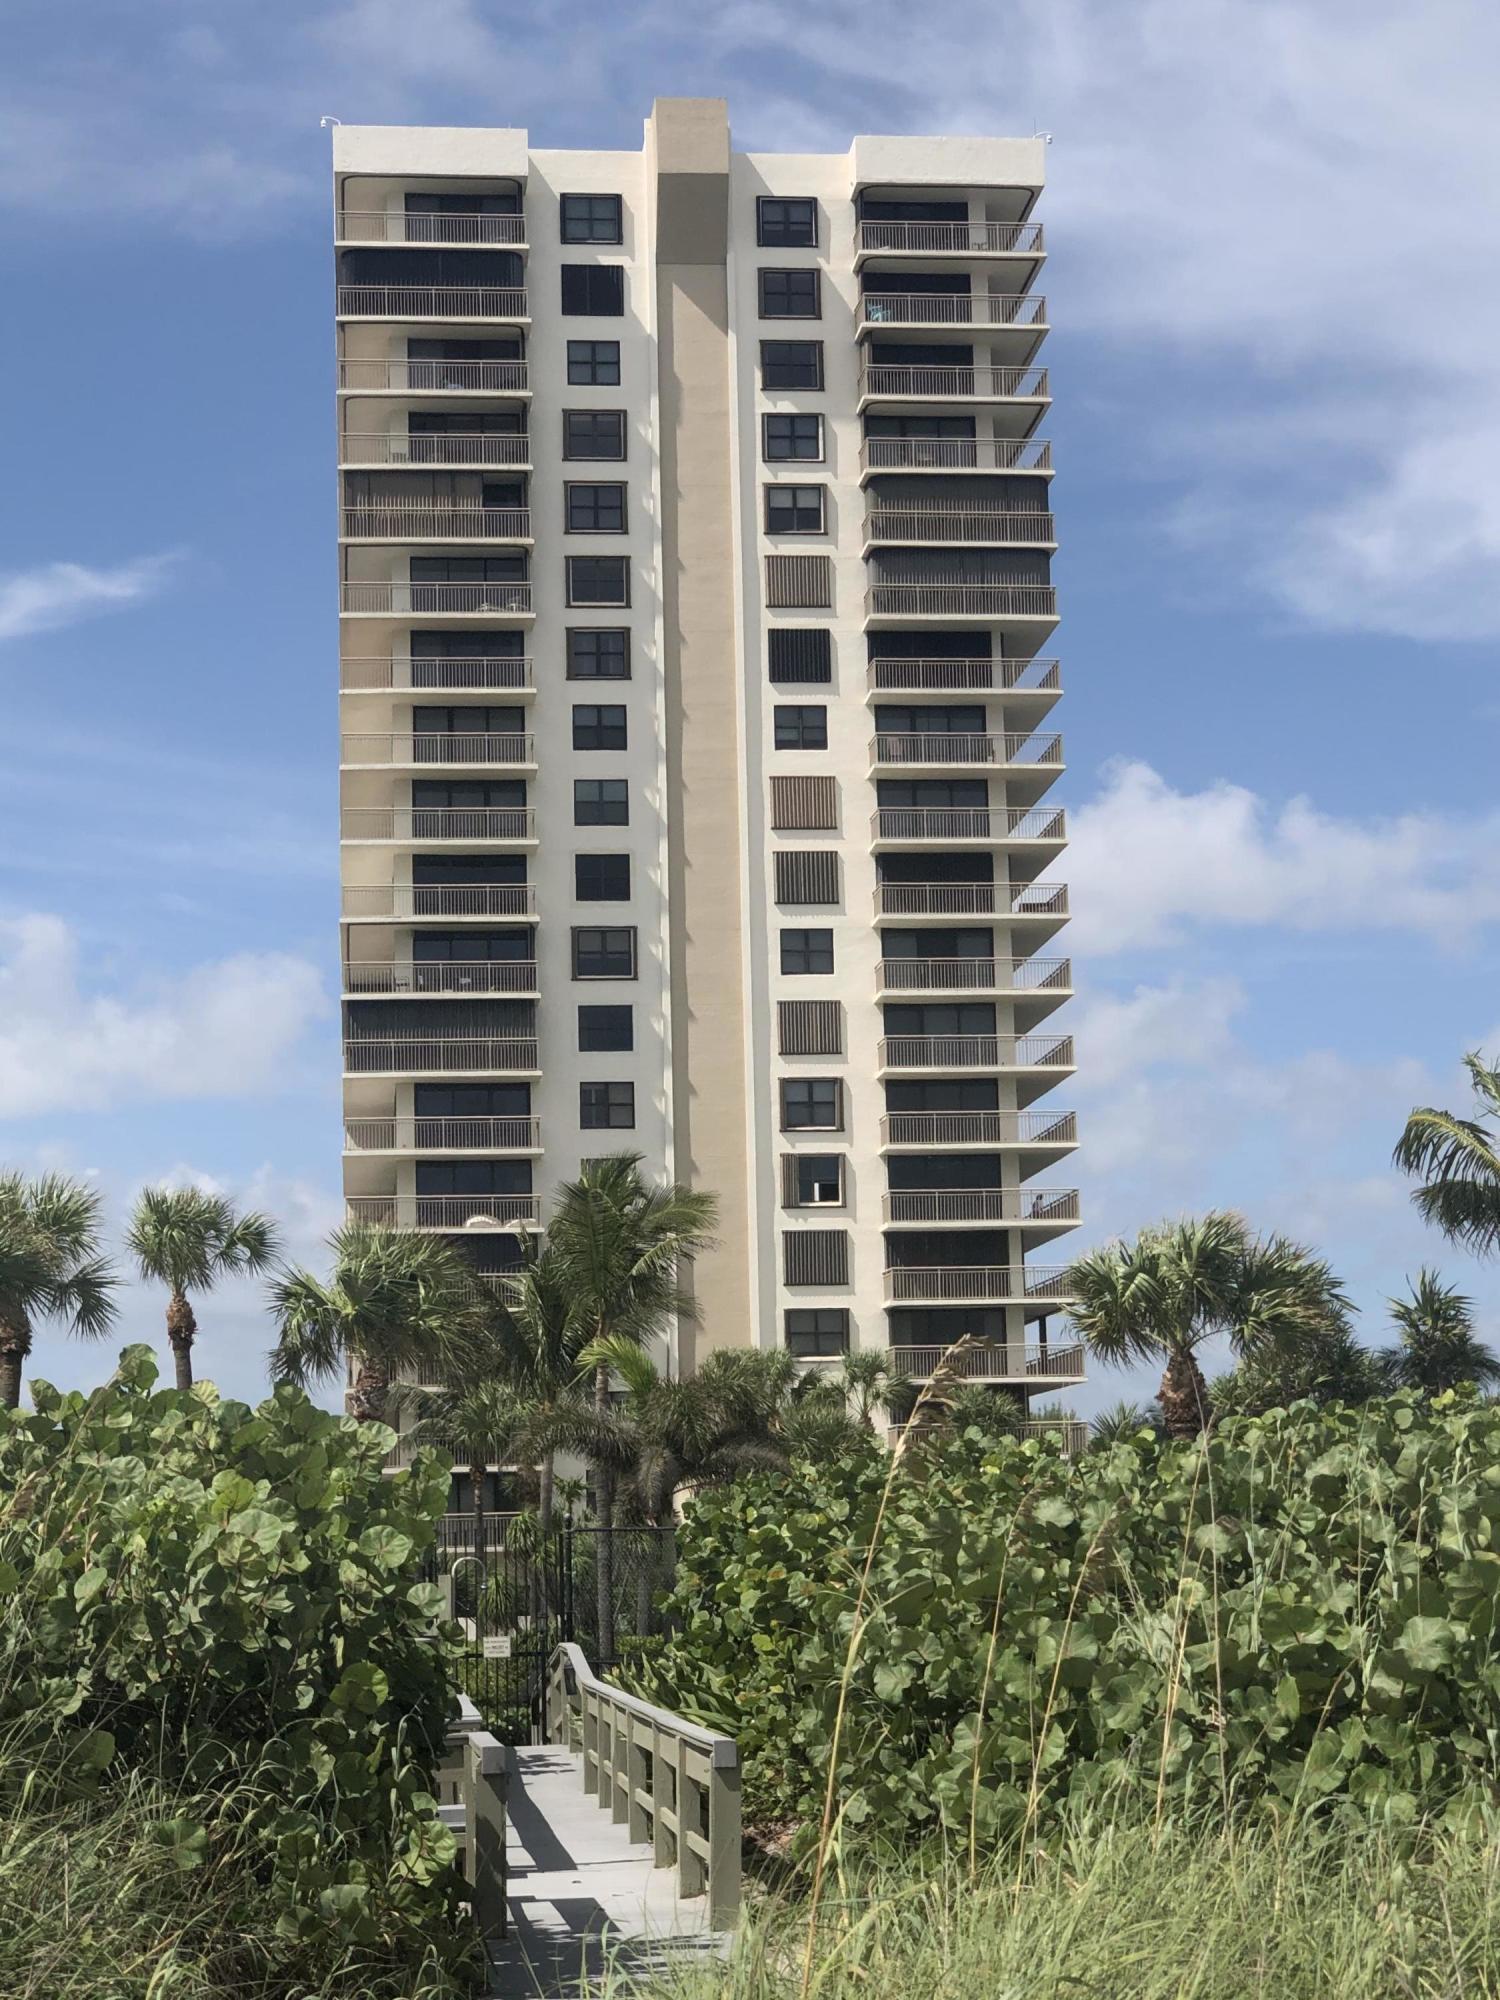 Oceantree Walkway from Ocean Beach